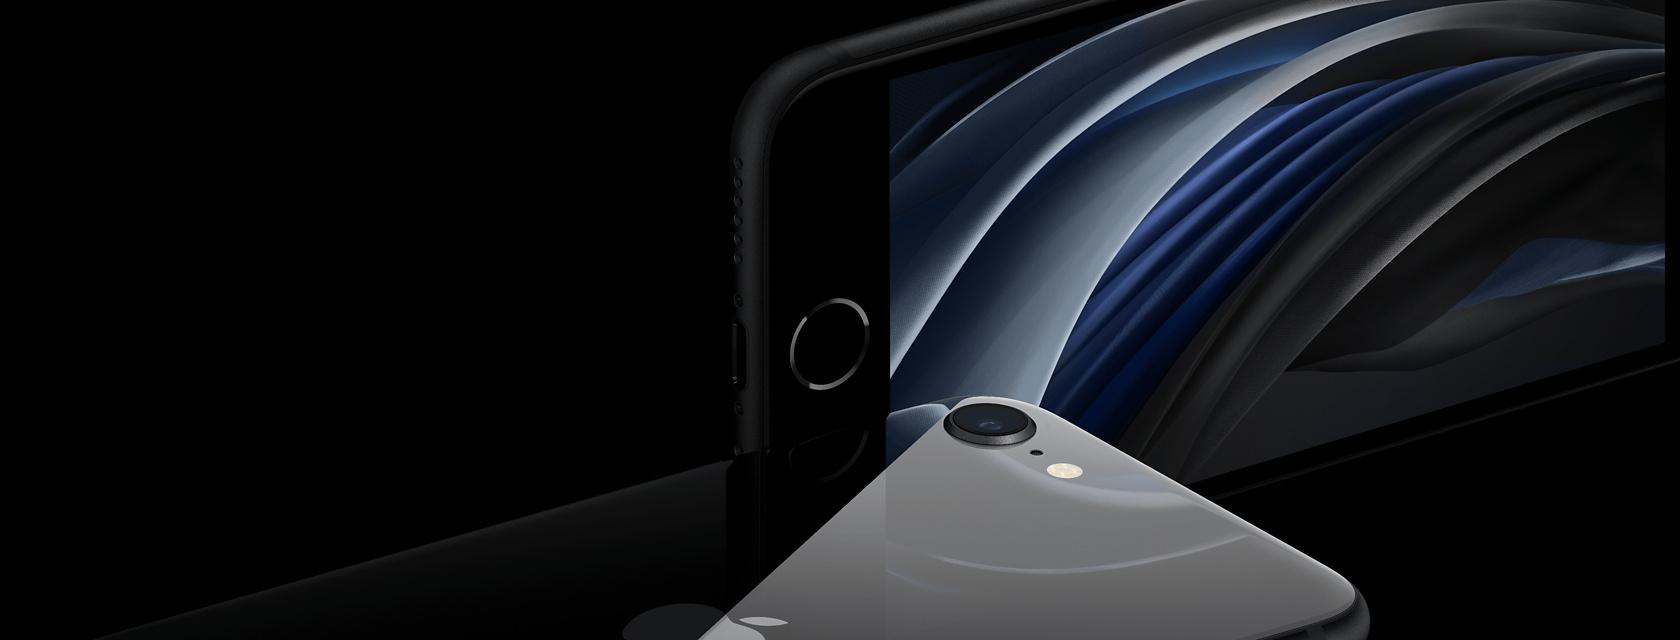 iphone se gallery2?wid=1680&hei=640&fmt=jpeg&qlt=95&op usm=0.5,0.5&